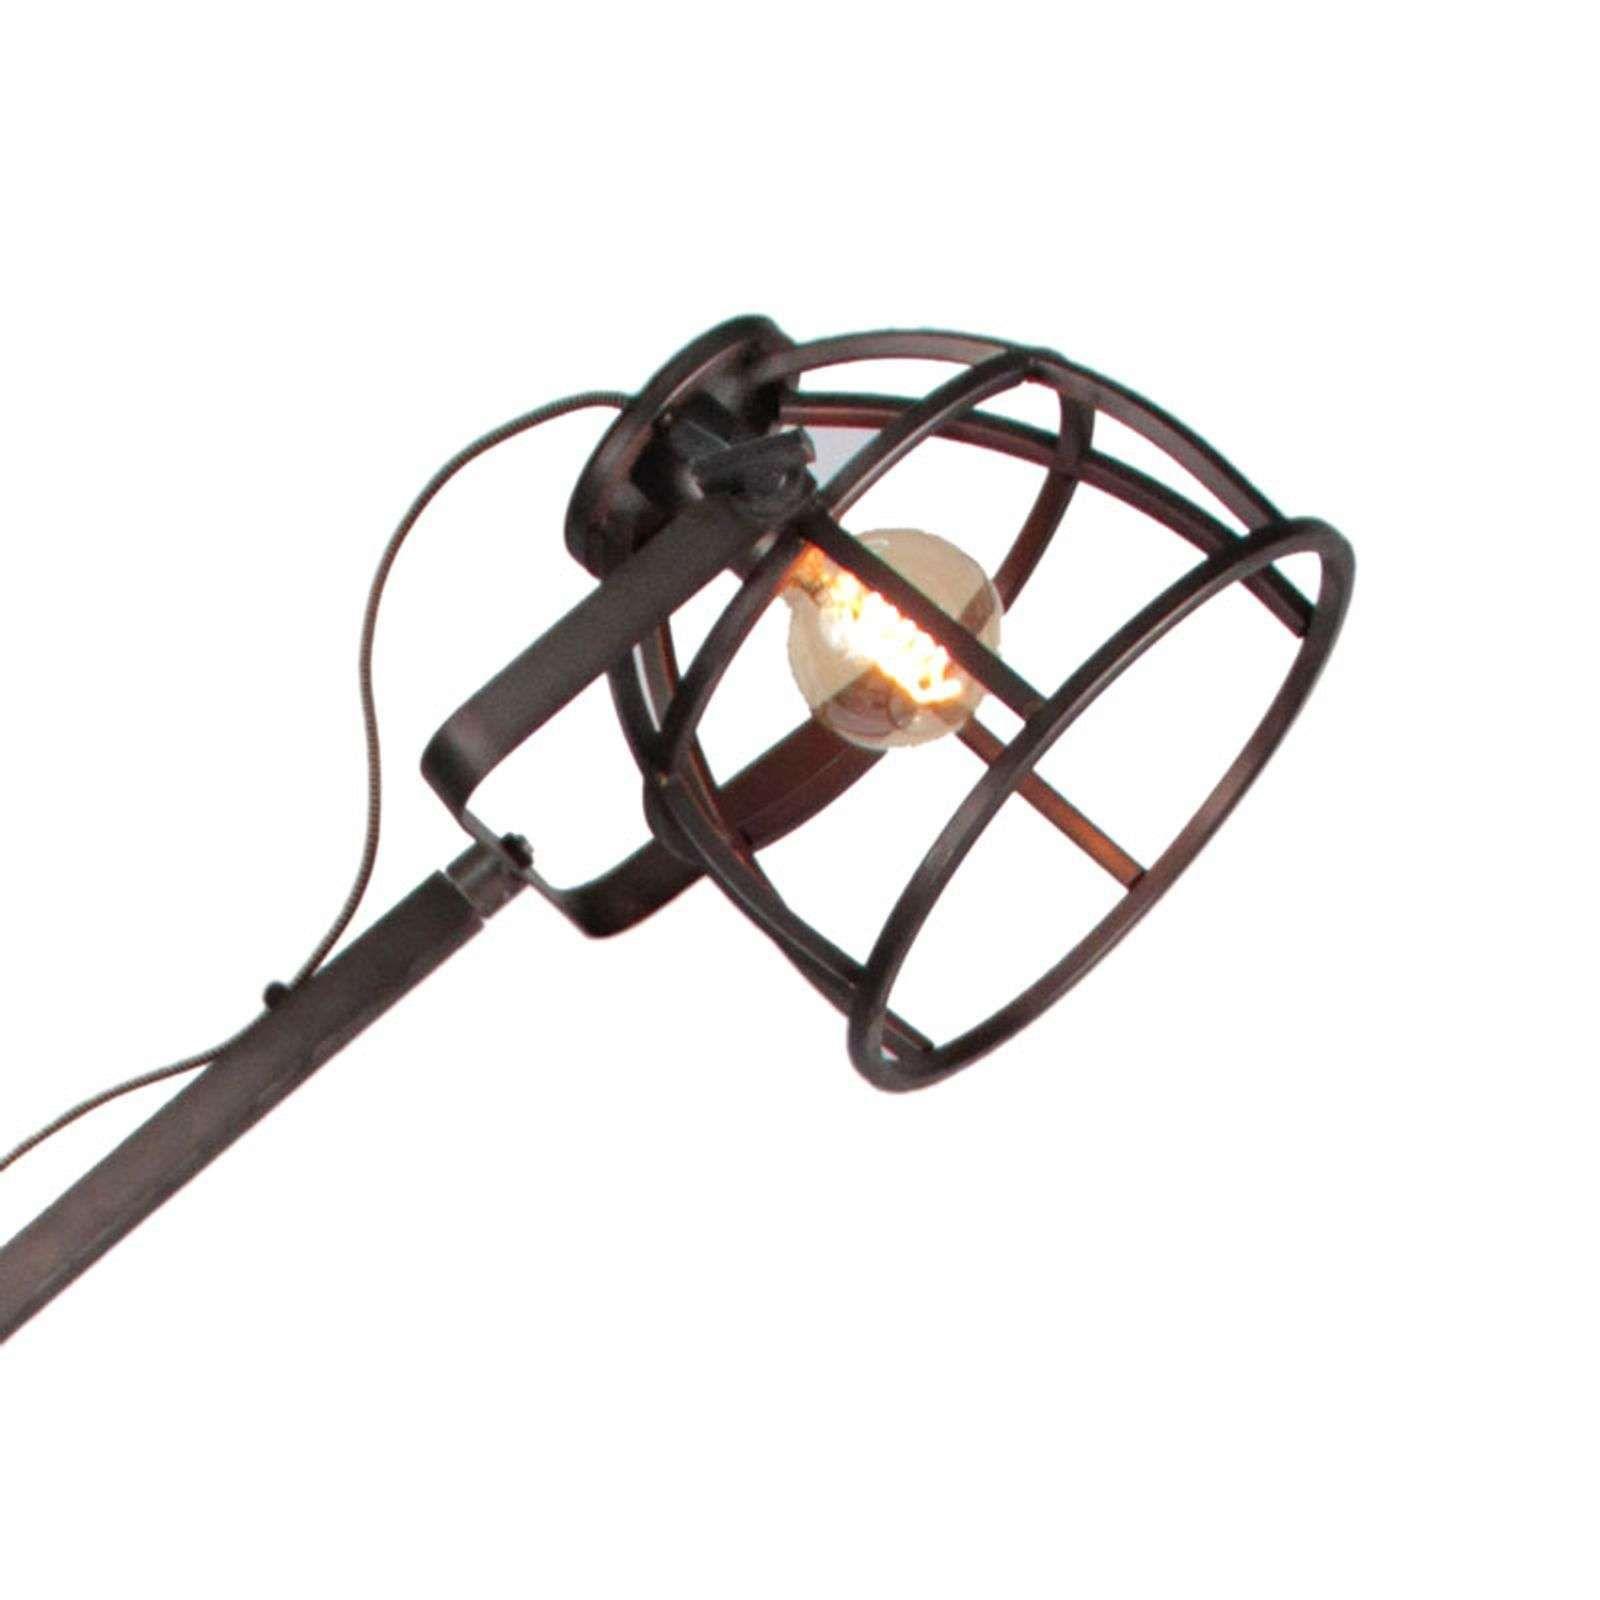 Vintage Stehlampe Von Lindby Schwarz In 2020 Stehlampe Lampen